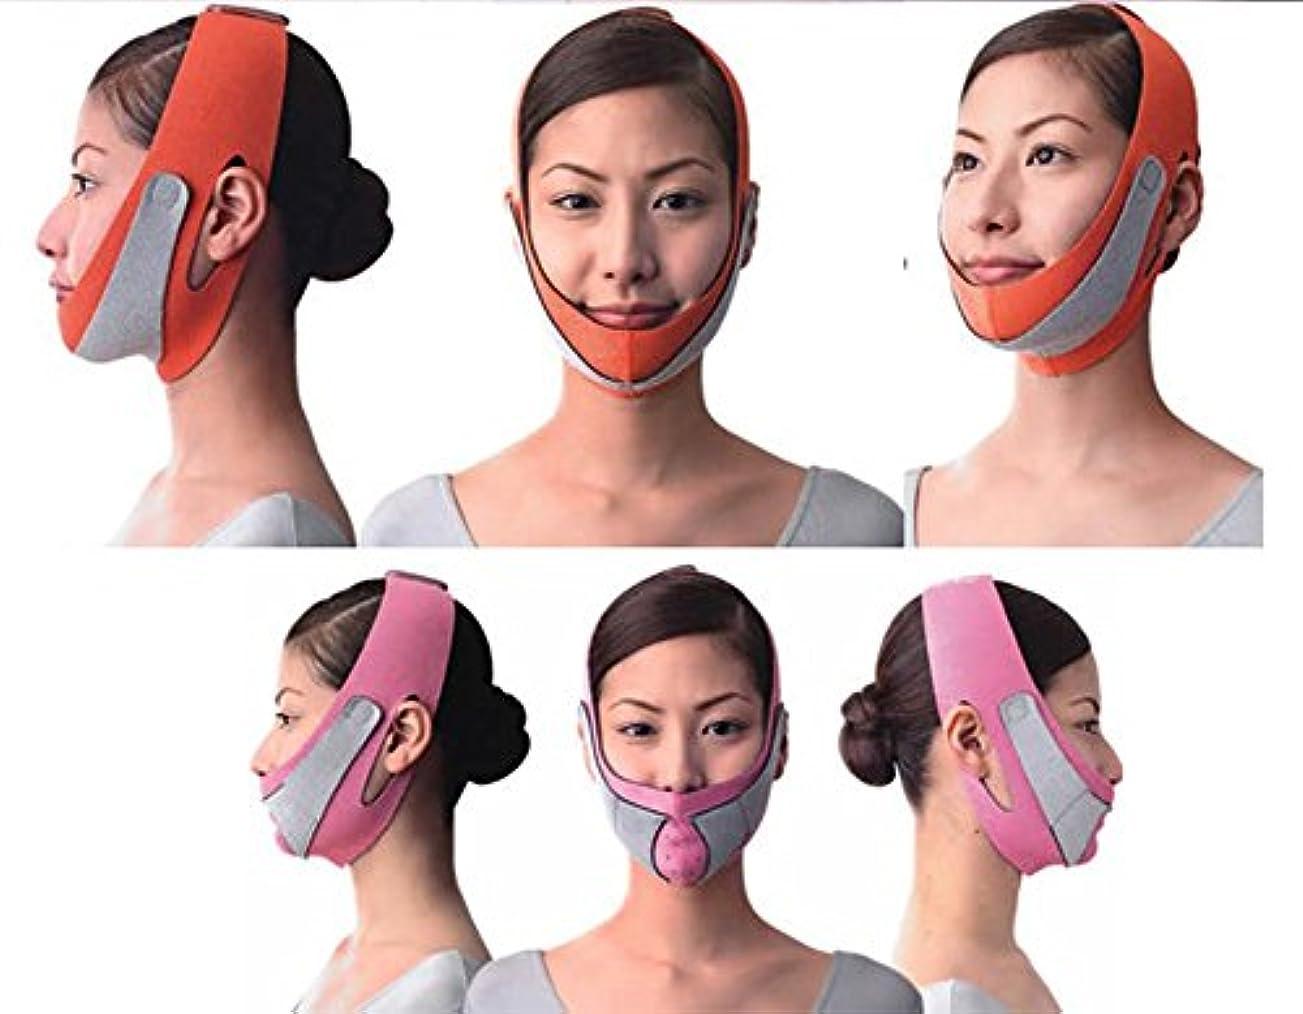 ホラー適応咽頭引き上げマスク 頬のたるみ 額、顎下、頬リフトアップ ピンク グレー 弾力V-ラインマスク 引っ張る リフティング フェイス リフトスリムマスク 美容 フェイスマスク